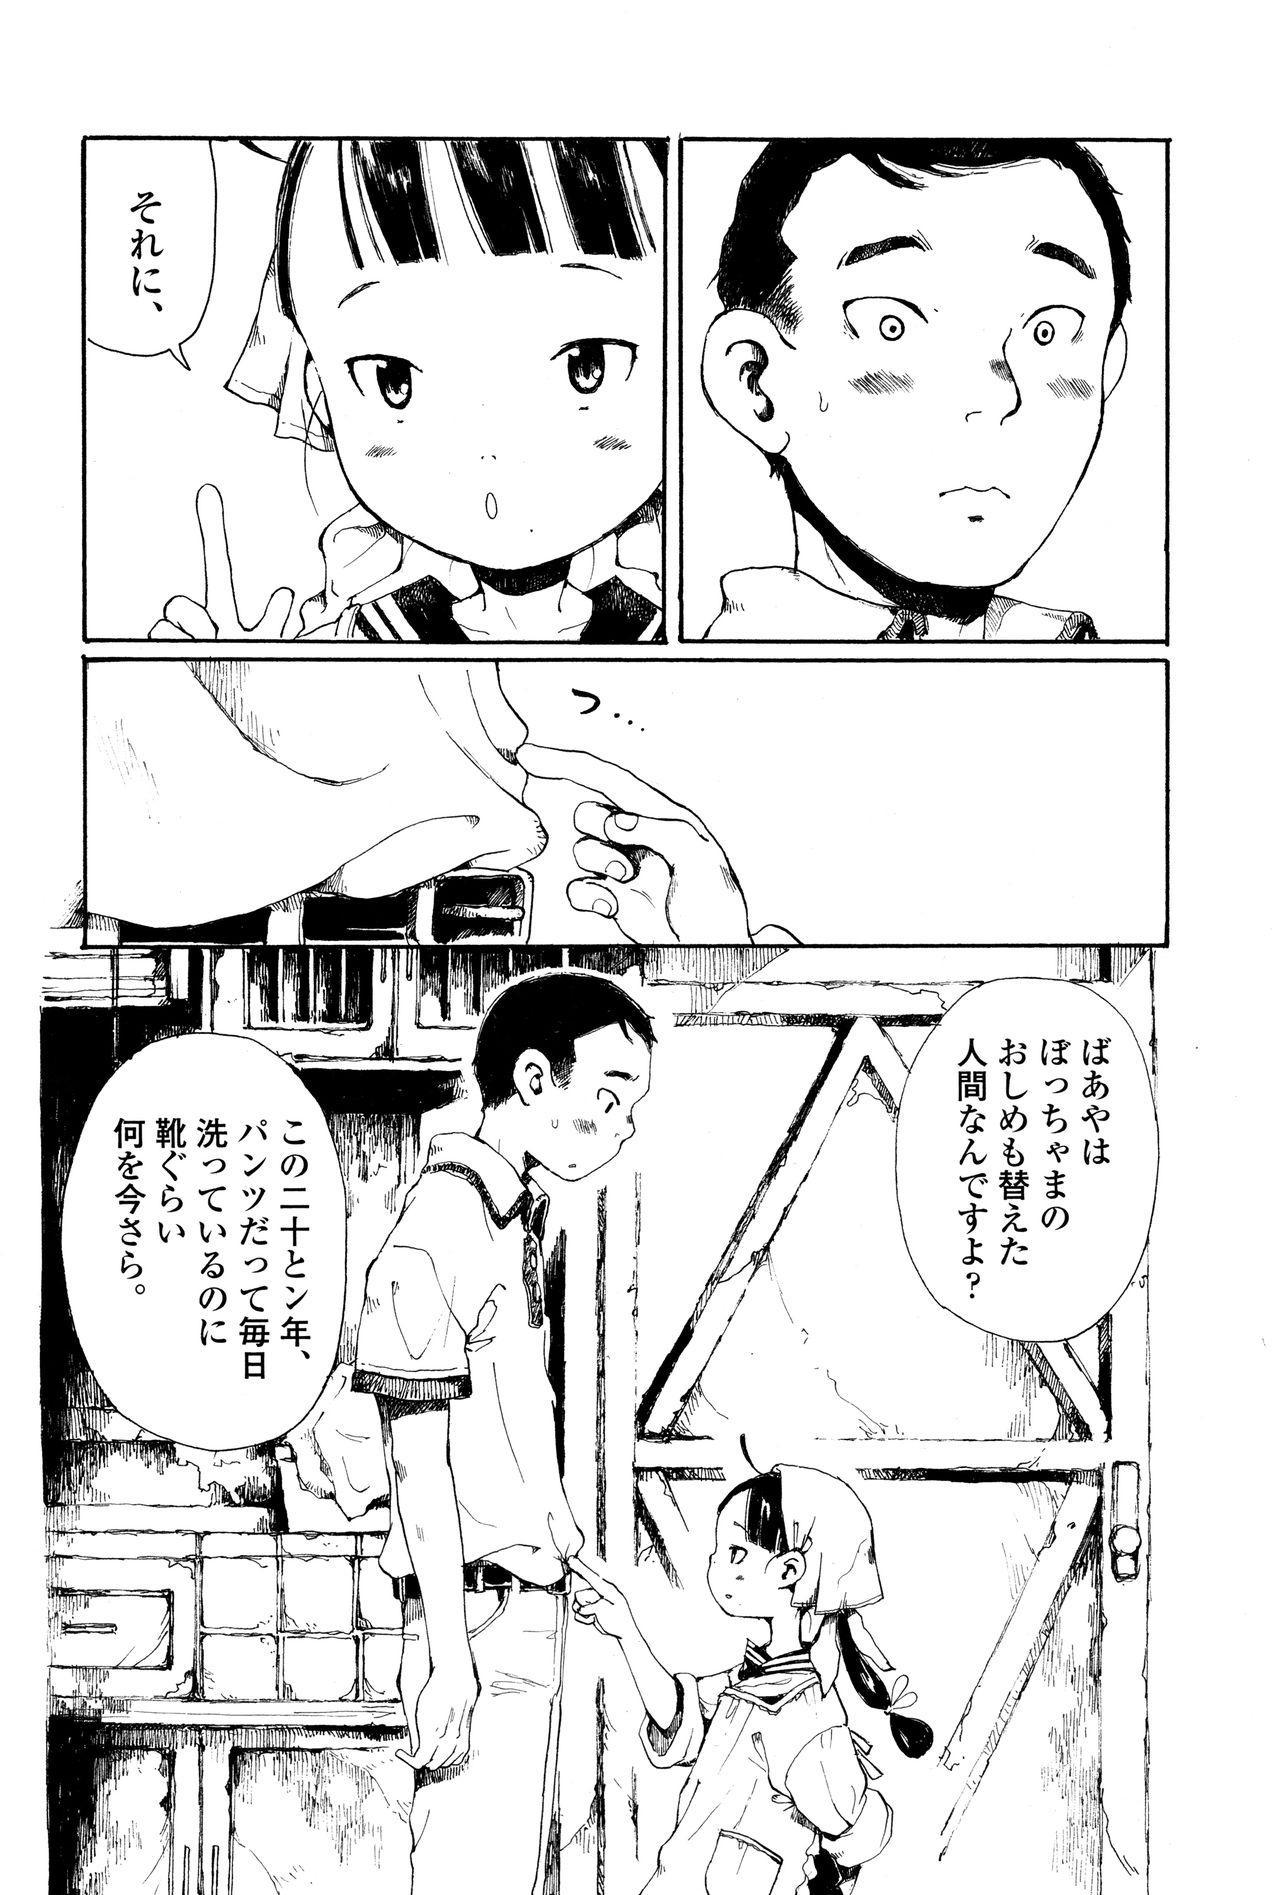 Towako Ichi 383